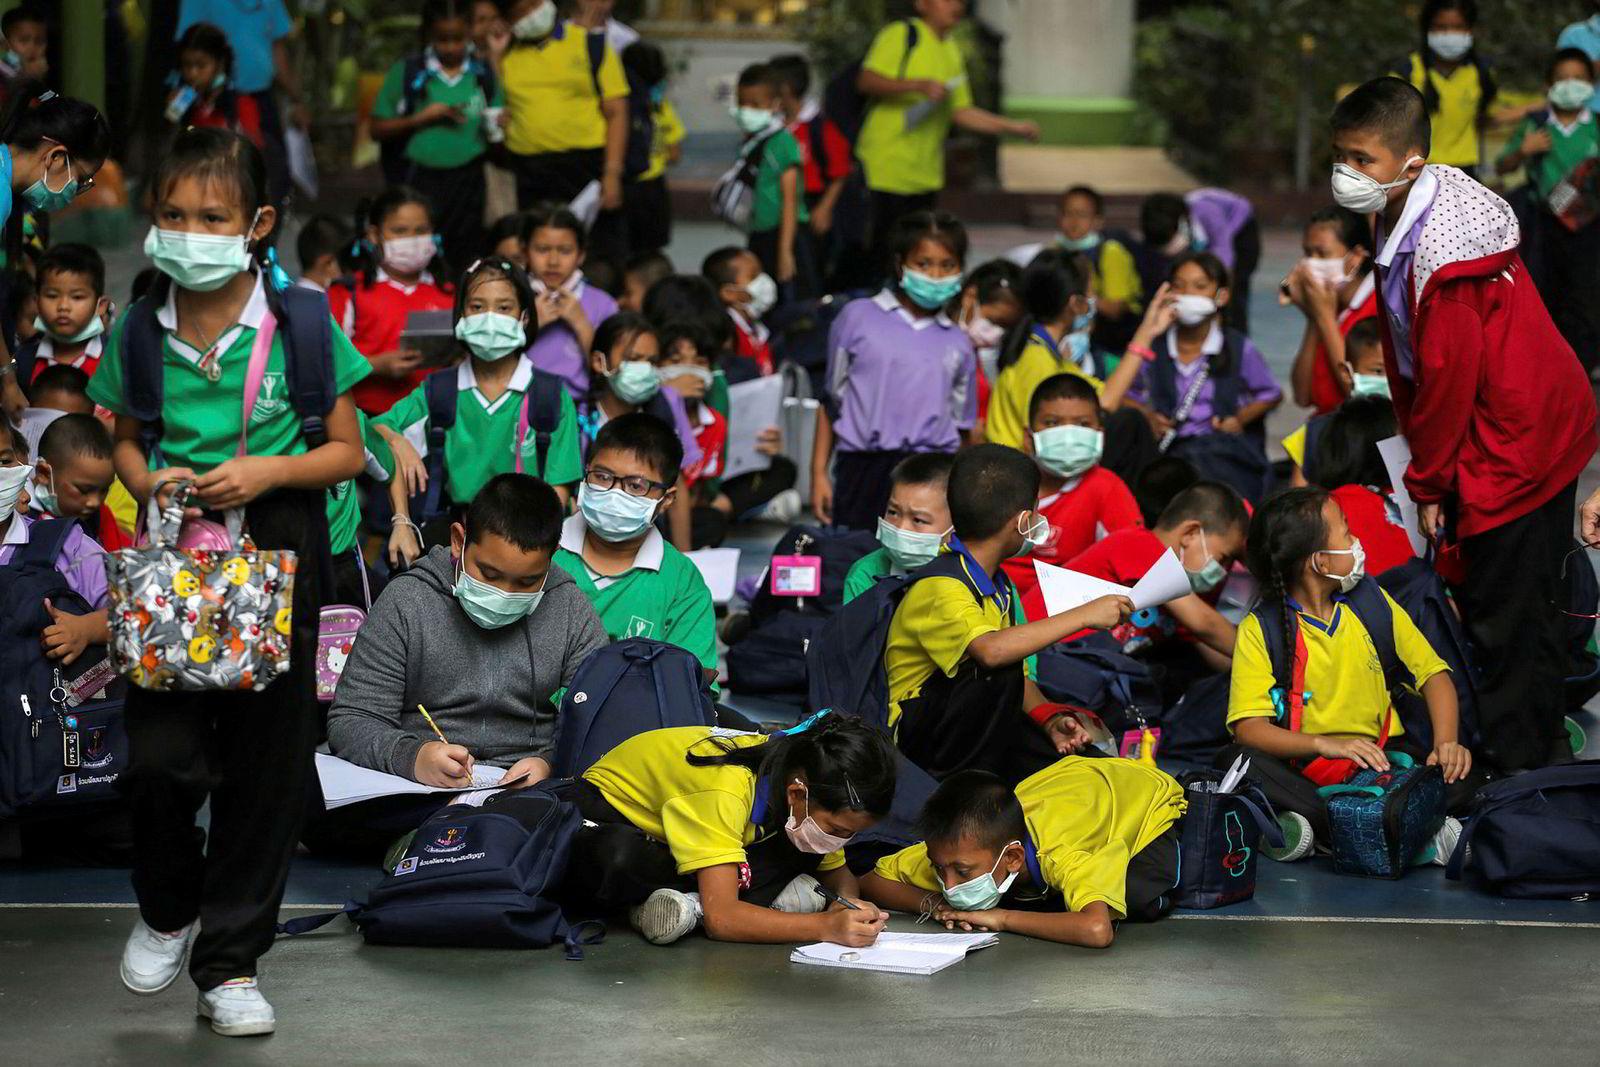 Undervisningen ble onsdag kansellert i alle offentlige skoler i Bangkok frem til neste uke på grunn av den giftige og farlige luftforurensningen.